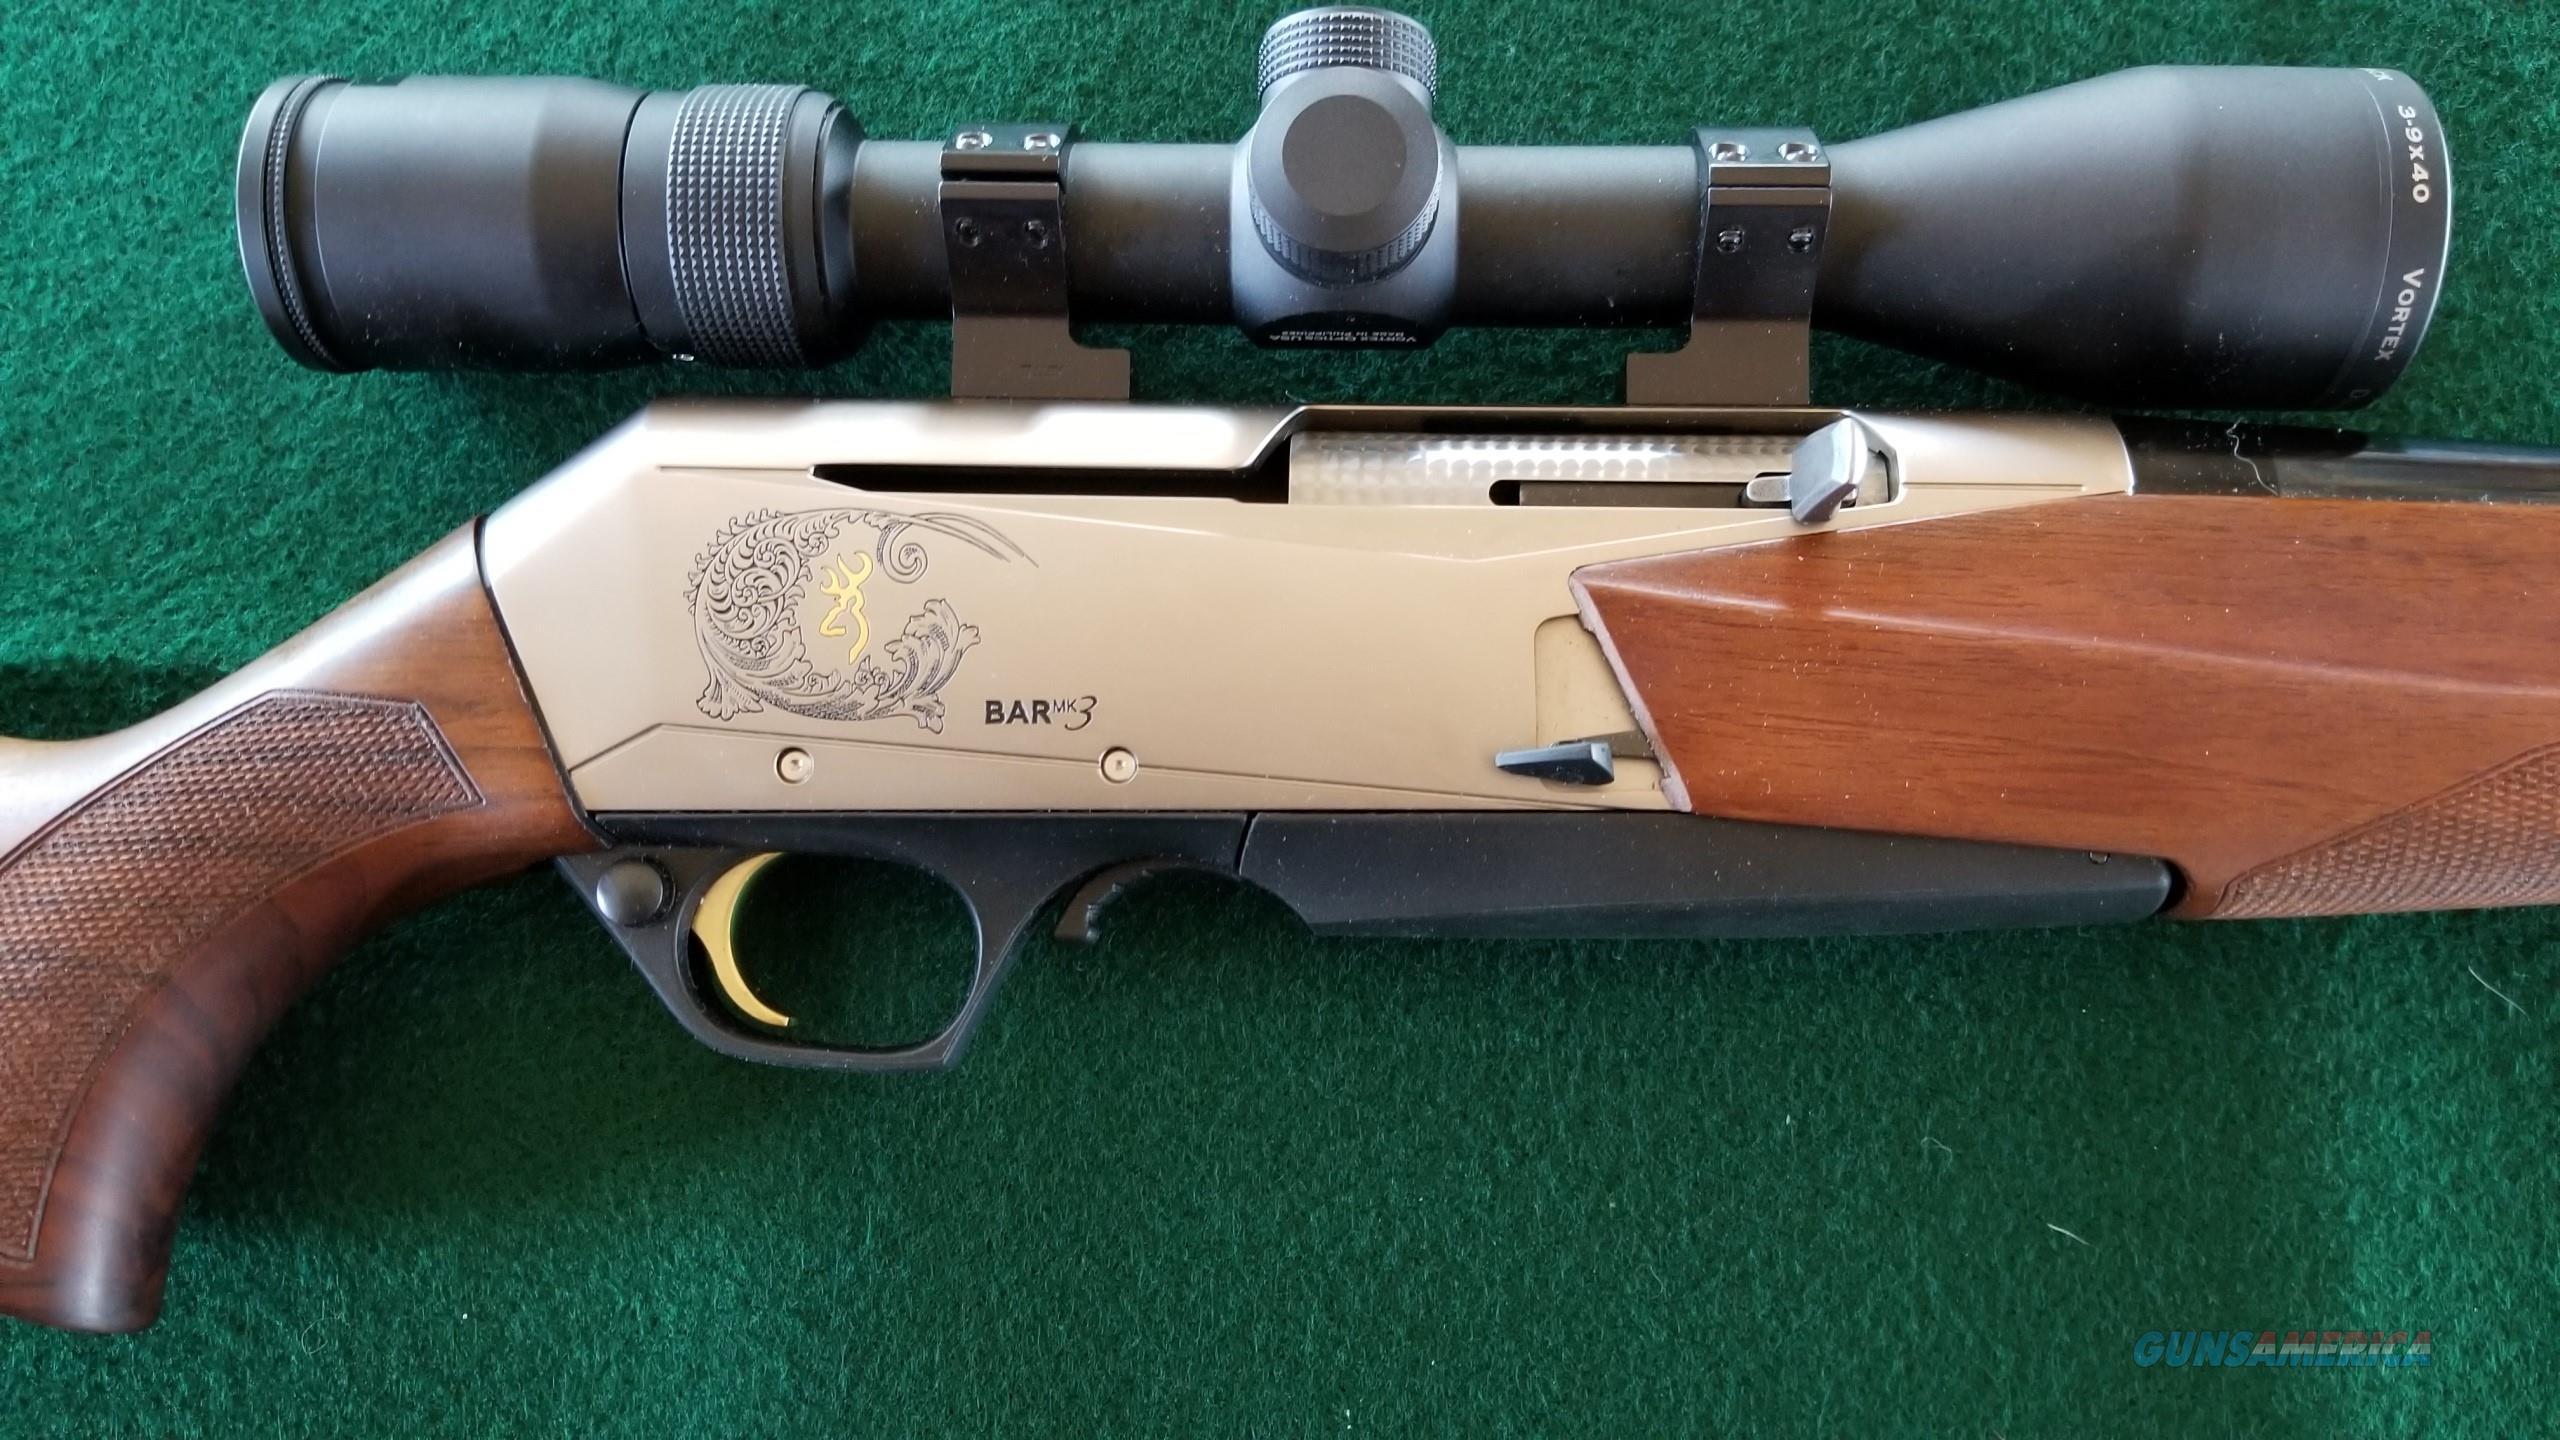 New Browning BAR MK3 7mm-08 w New Vortex Diamondback 3-9X40 Scope  Guns > Rifles > Browning Rifles > Semi Auto > Hunting